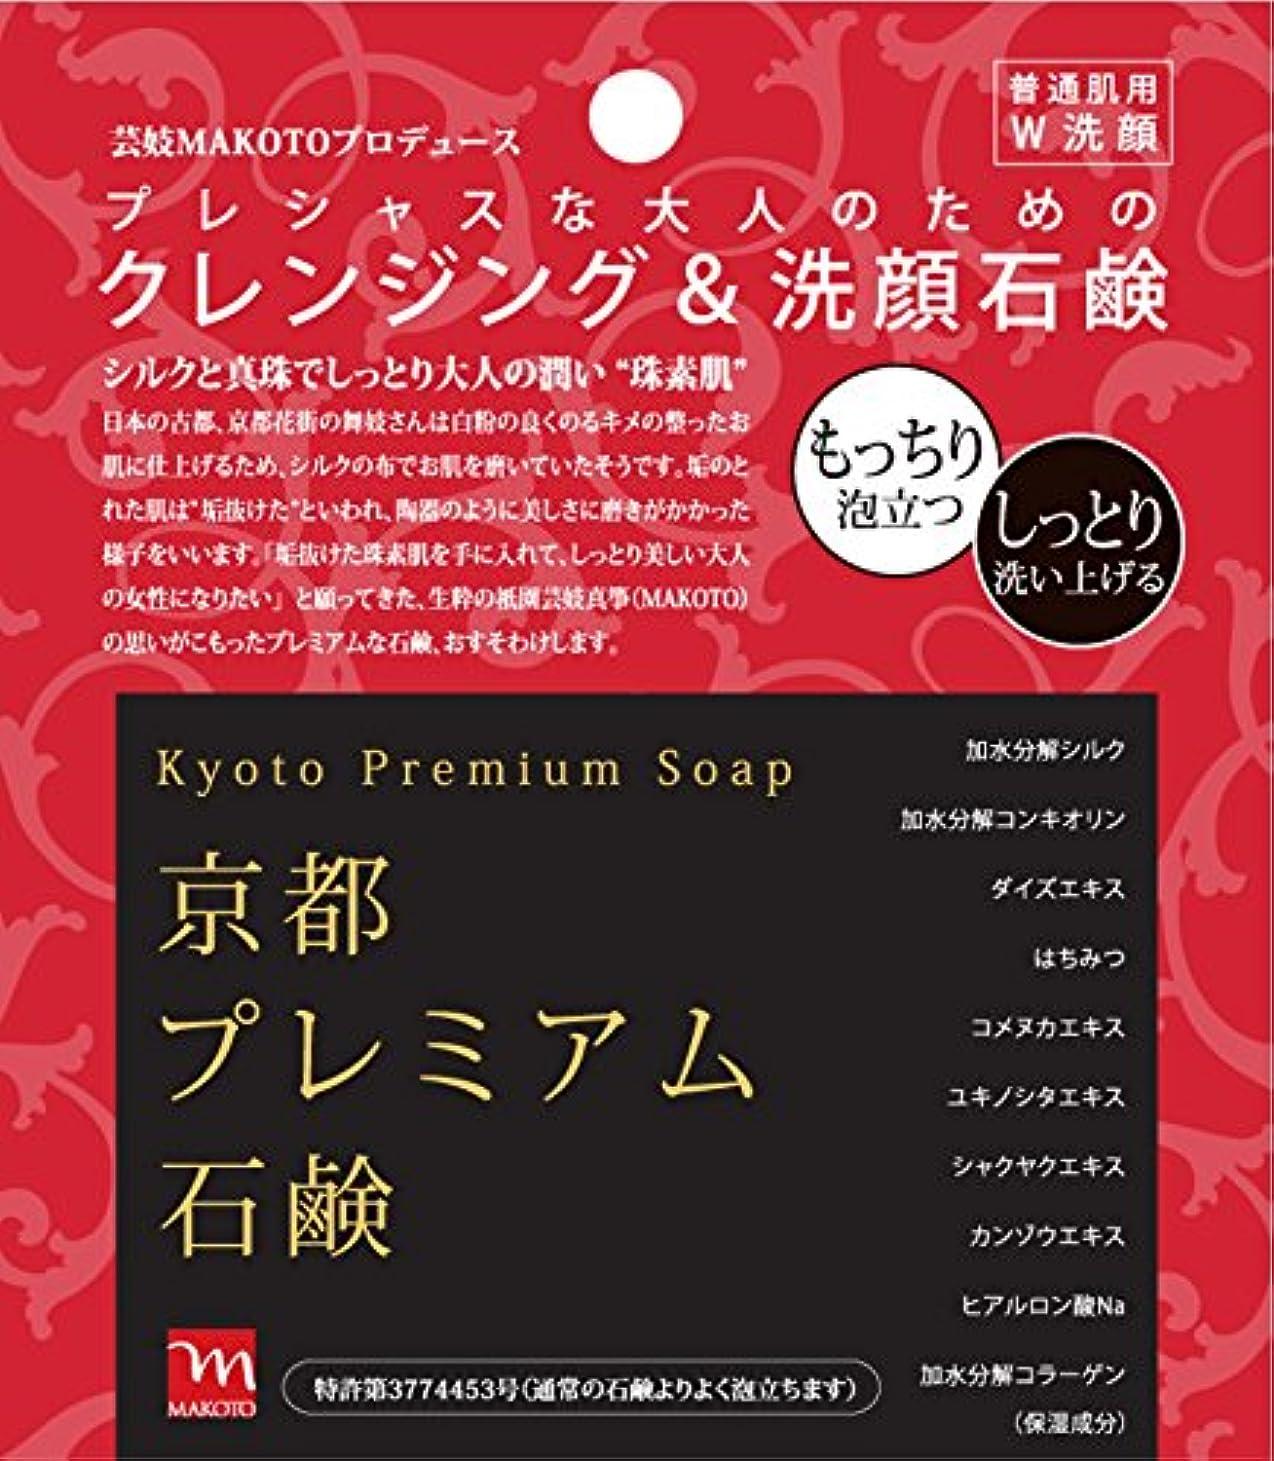 料理をするペイントやろう京都プレミアム石鹸 クレンジング&洗顔石鹸 しっとり もっちり 芸妓さん監修